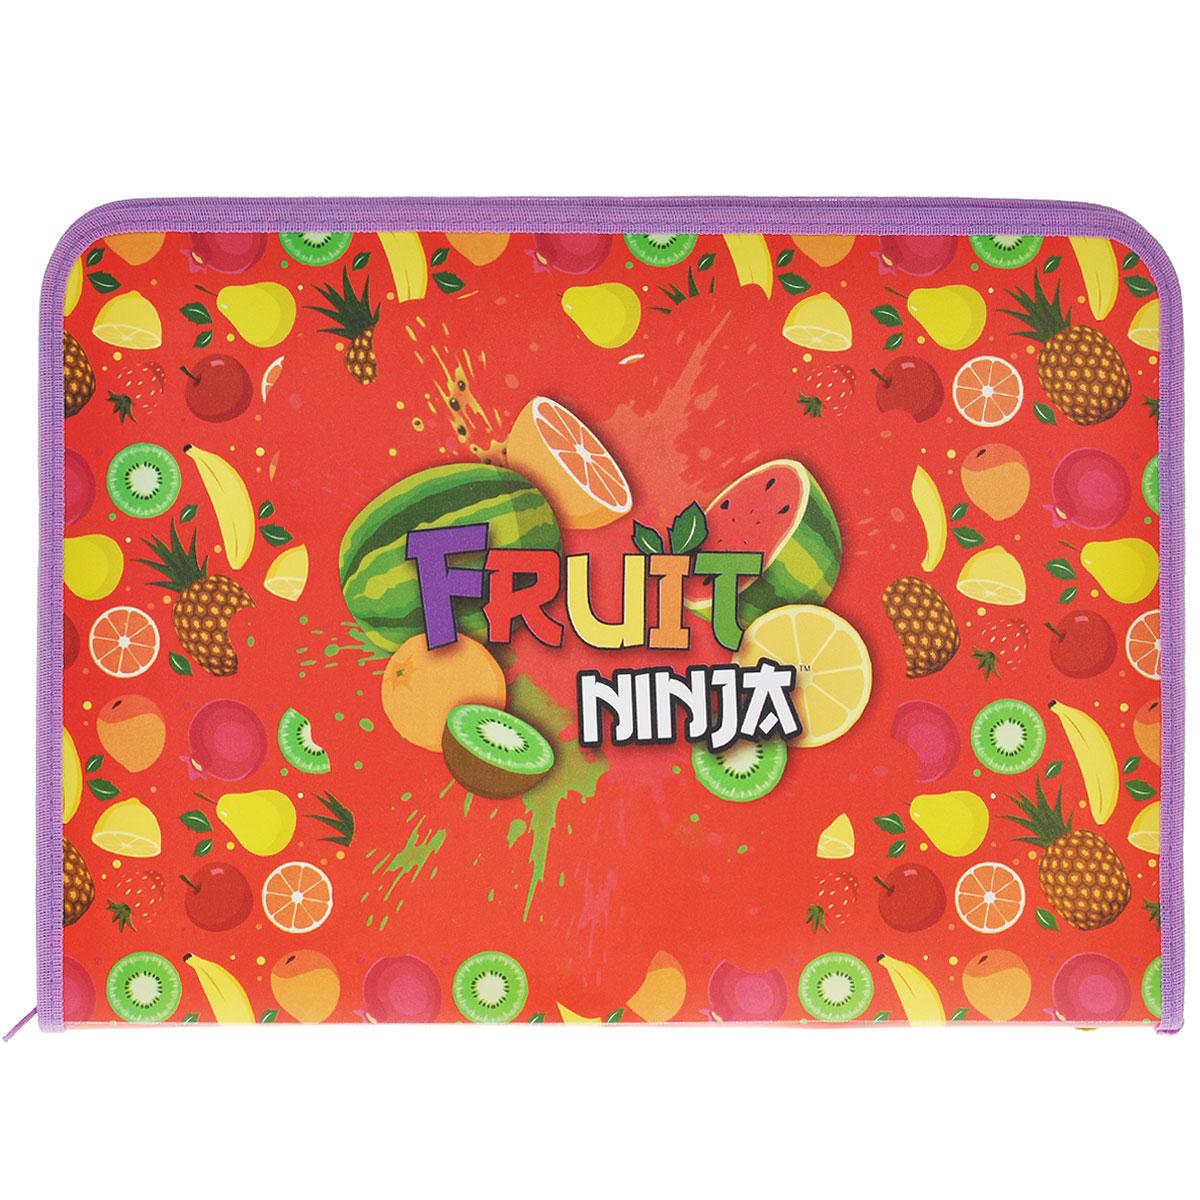 Папка для труда Action! Fruit Ninja, цвет: красный, сиреневыйFS-54115Папка для труда Action! Fruit Ninja предназначена для хранения тетрадей, рисунков и прочих бумаг, а также ручек, карандашей, ластиков и точилок. Папка оформлена изображениями фруктов и надписью Fruit Ninja. Внутри находится одно большое отделение с вкладышем, содержащим 11 фиксаторов для школьных принадлежностей. Закрывается папка на застежку-молнию.Яркая и удобная, такая папка непременно понравится вашему ребенку.